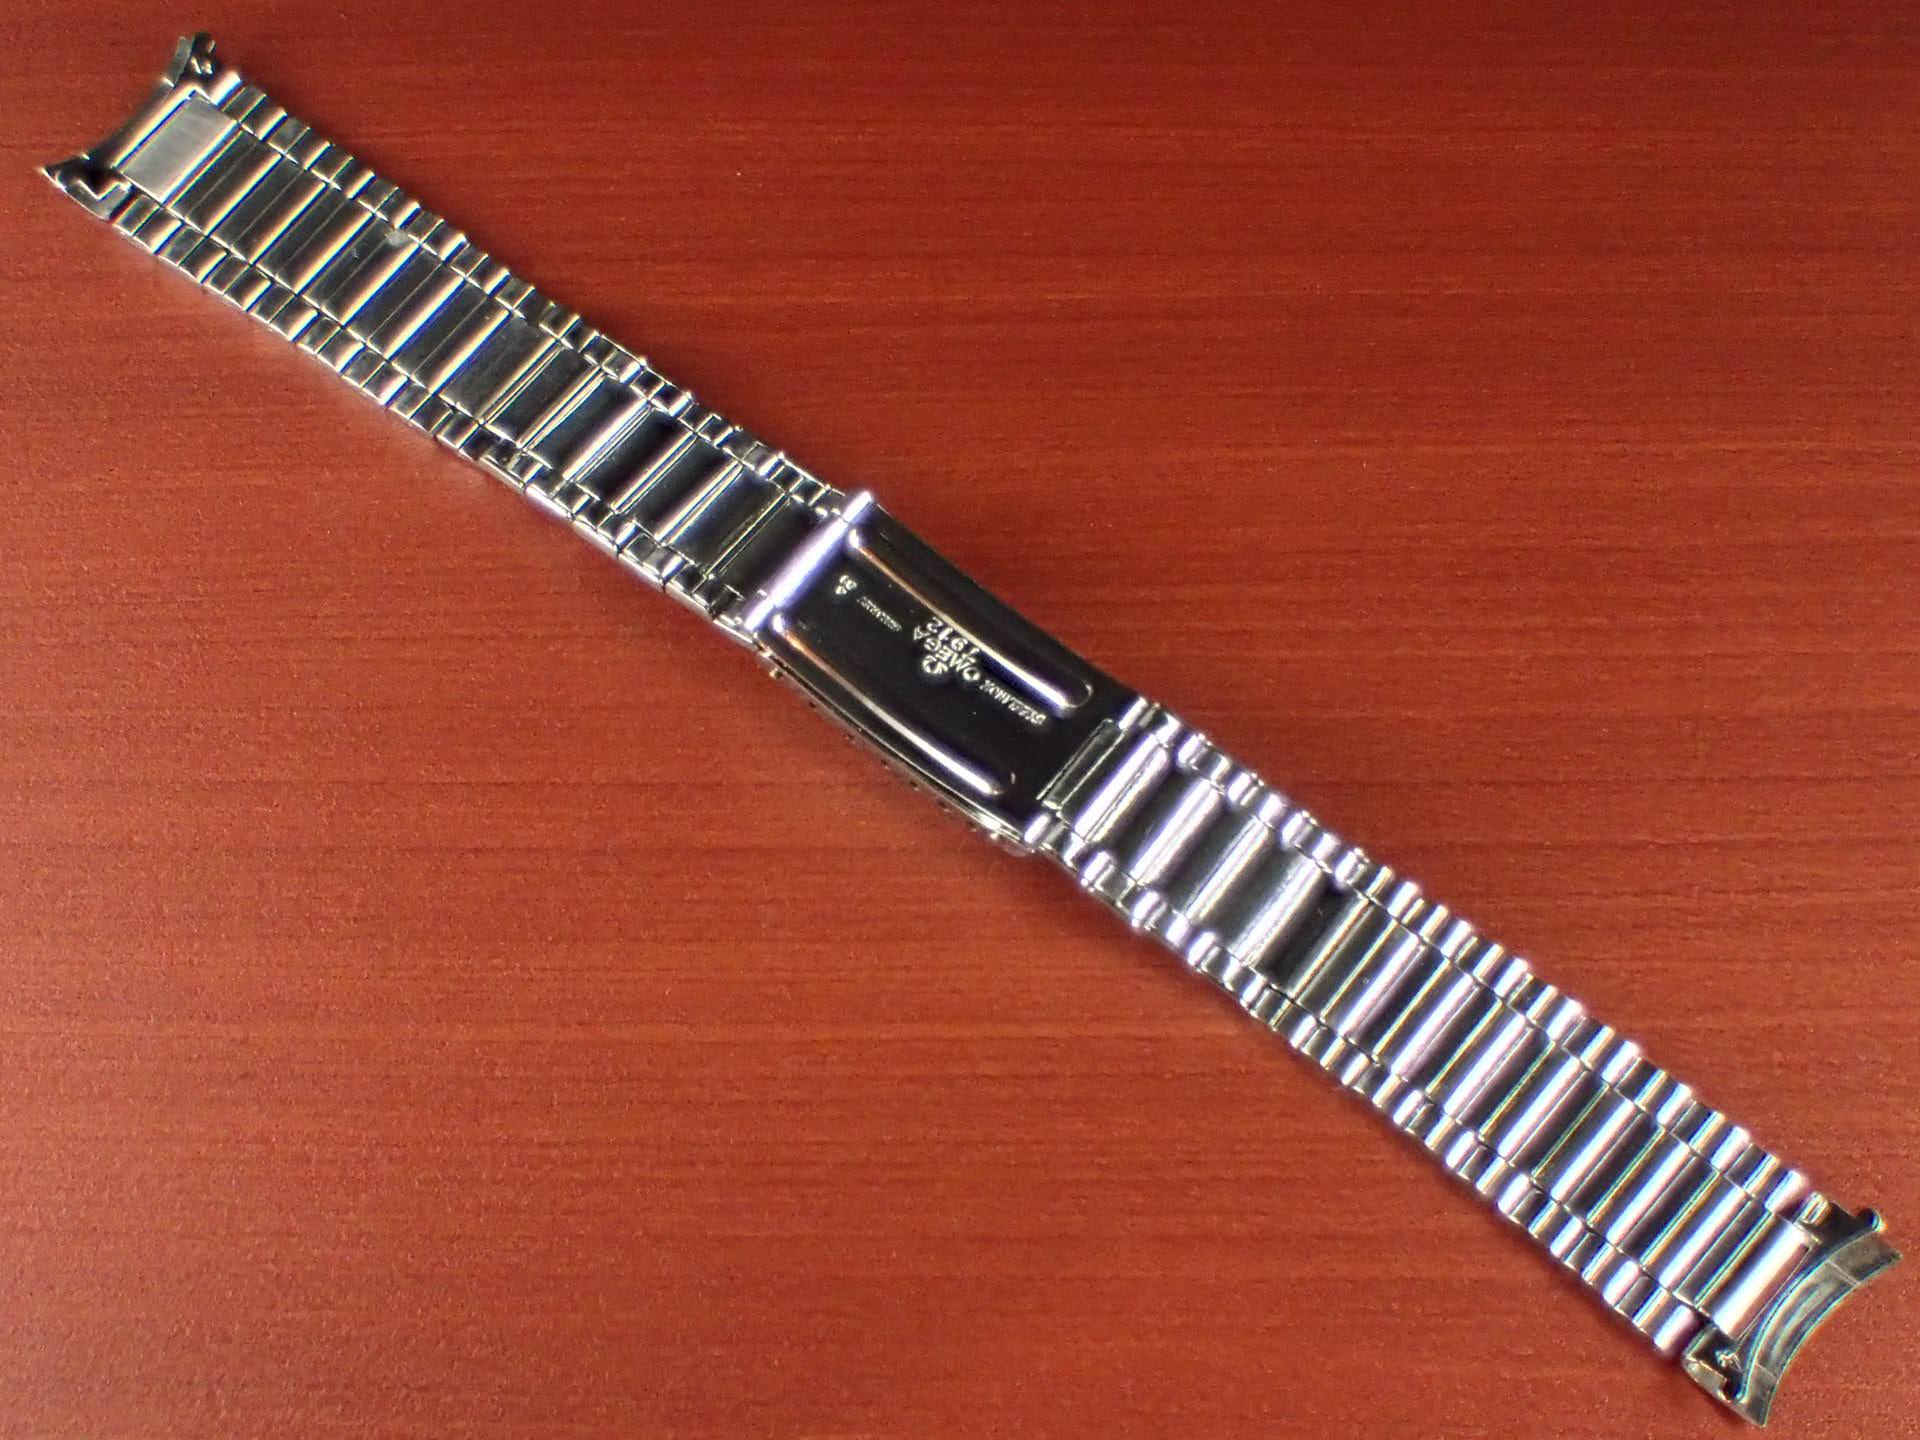 オメガ キャタピラブレス 18mm Ref:7912 1961年製の写真2枚目